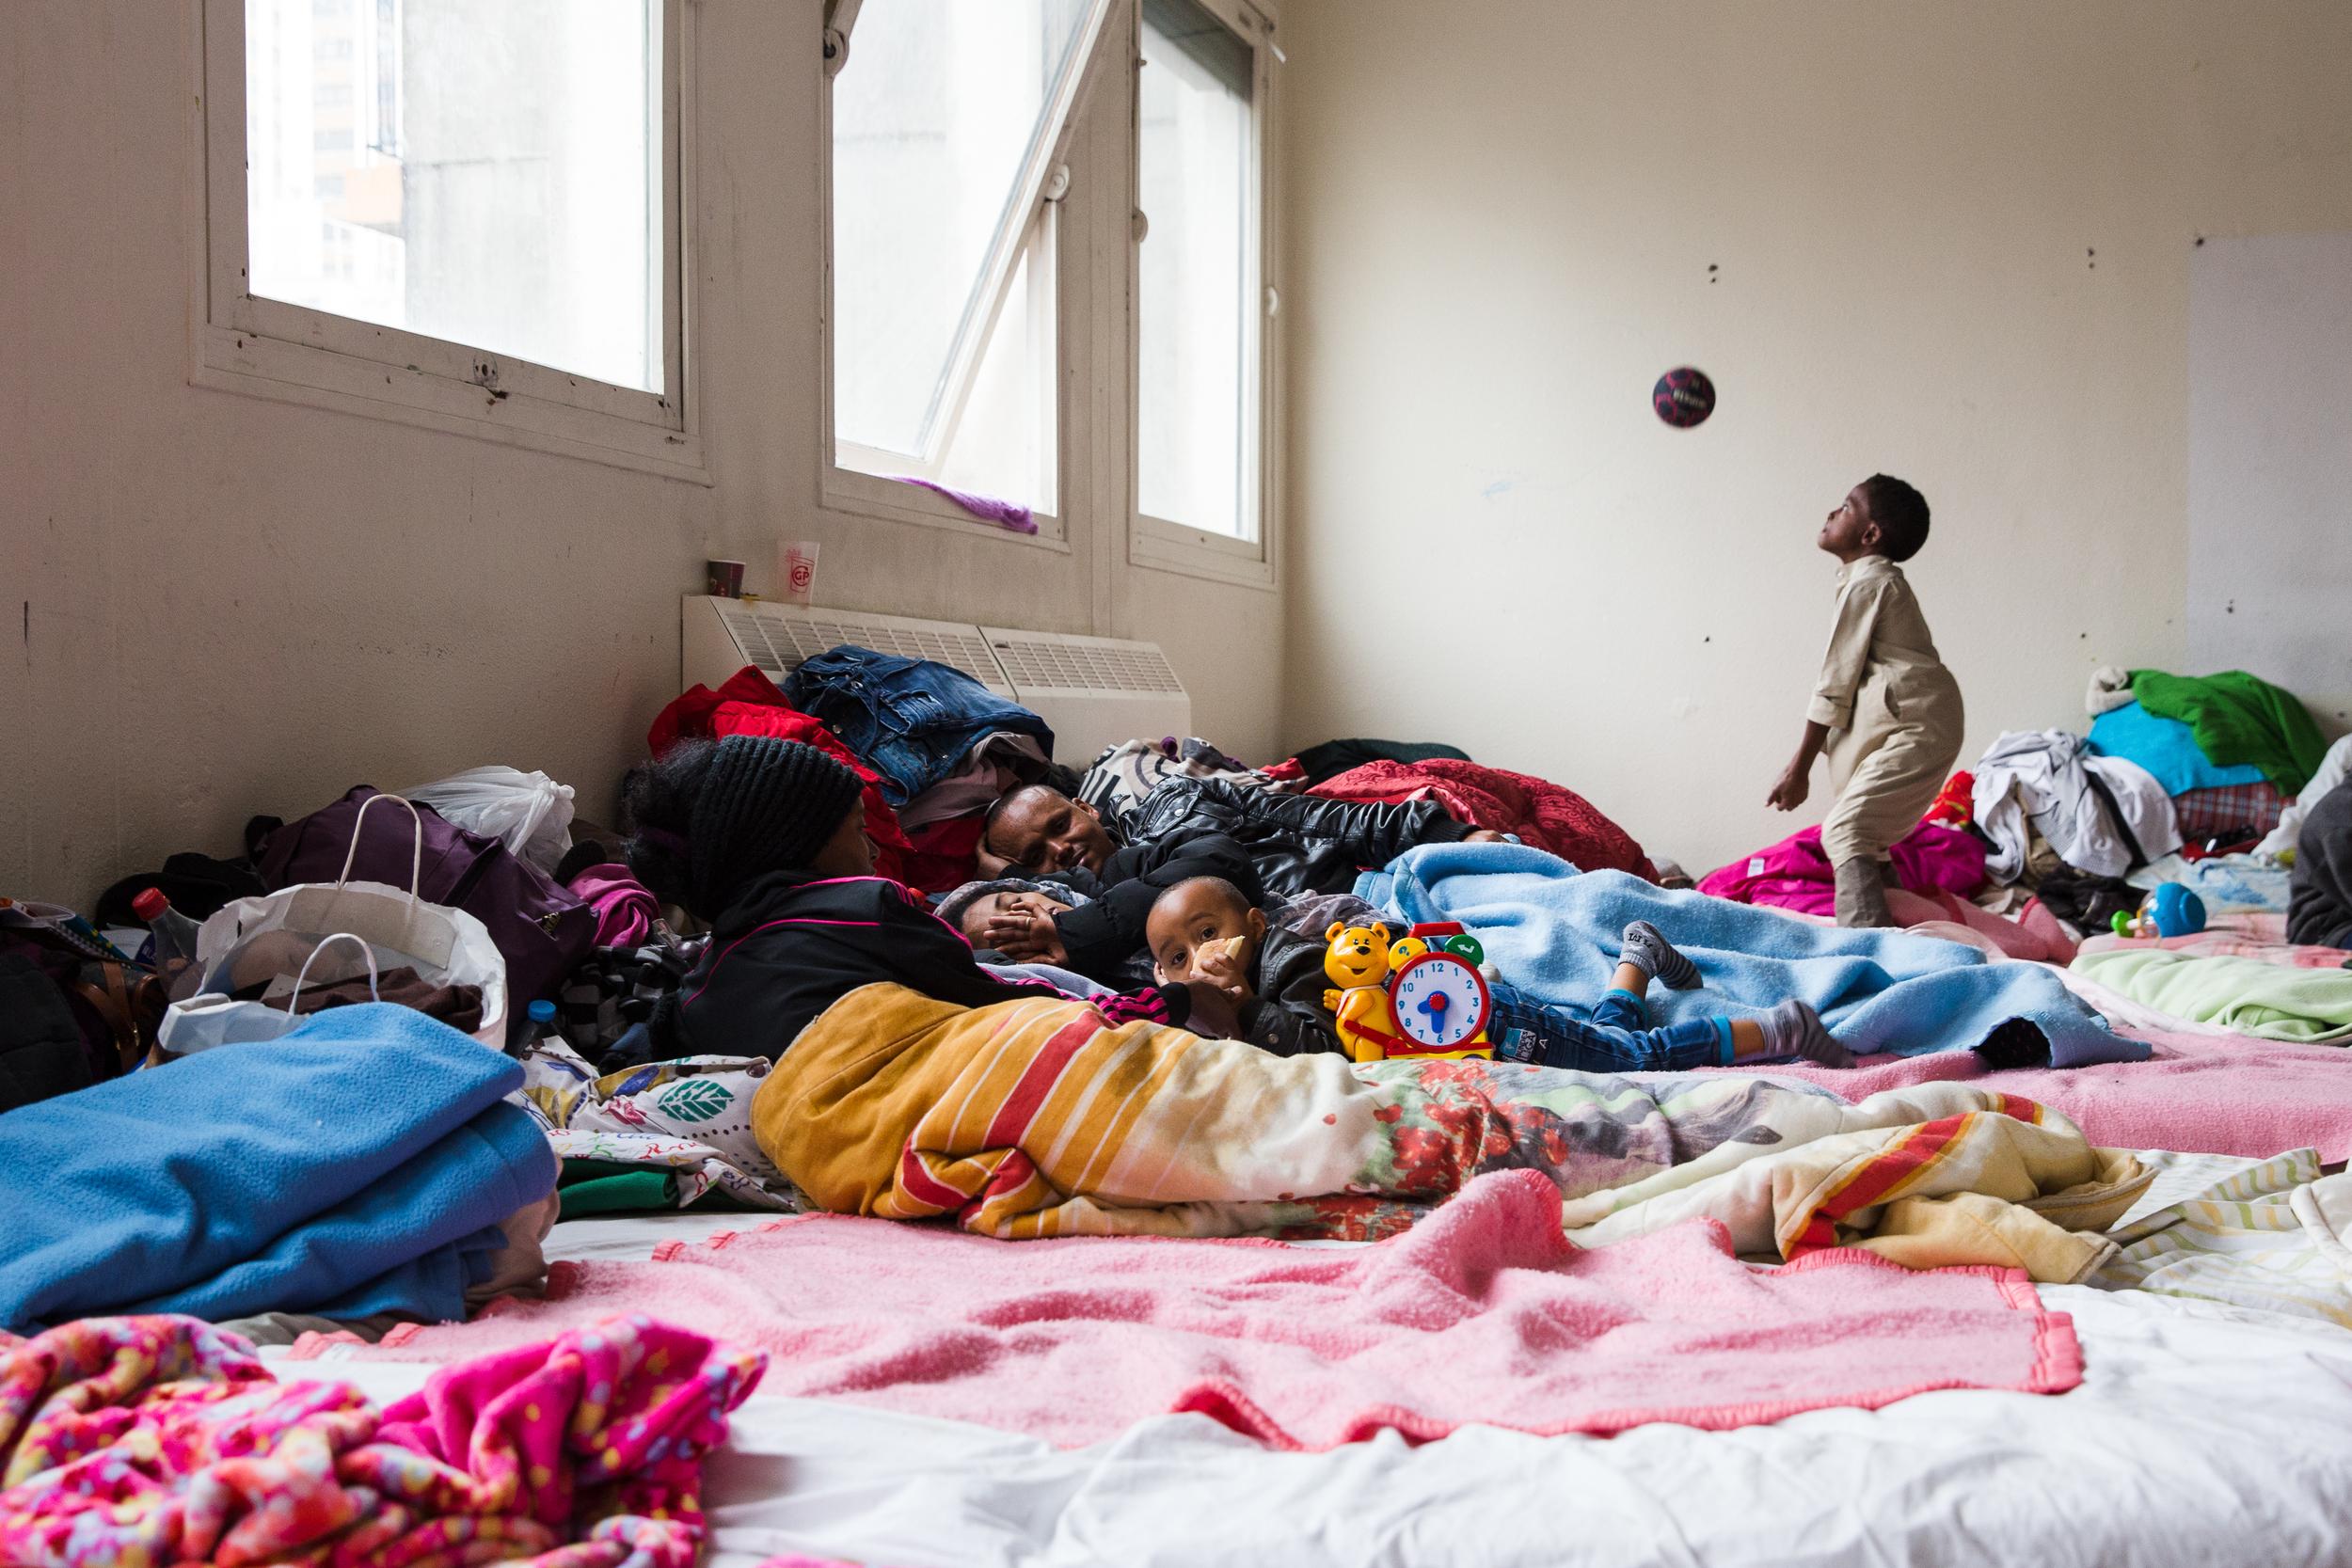 كيفلوم يعتني بزوجته التي تعاني من الصداع وتوقفت عن تناول الطعام. يبدو أن الظروف المعيشية هنا تساعد على انتشار الأمراض. هذه هي واحدة من الأُسر القليلة التي تعيش هنا، فمعظم السكان من الشباب غير المتزوجين